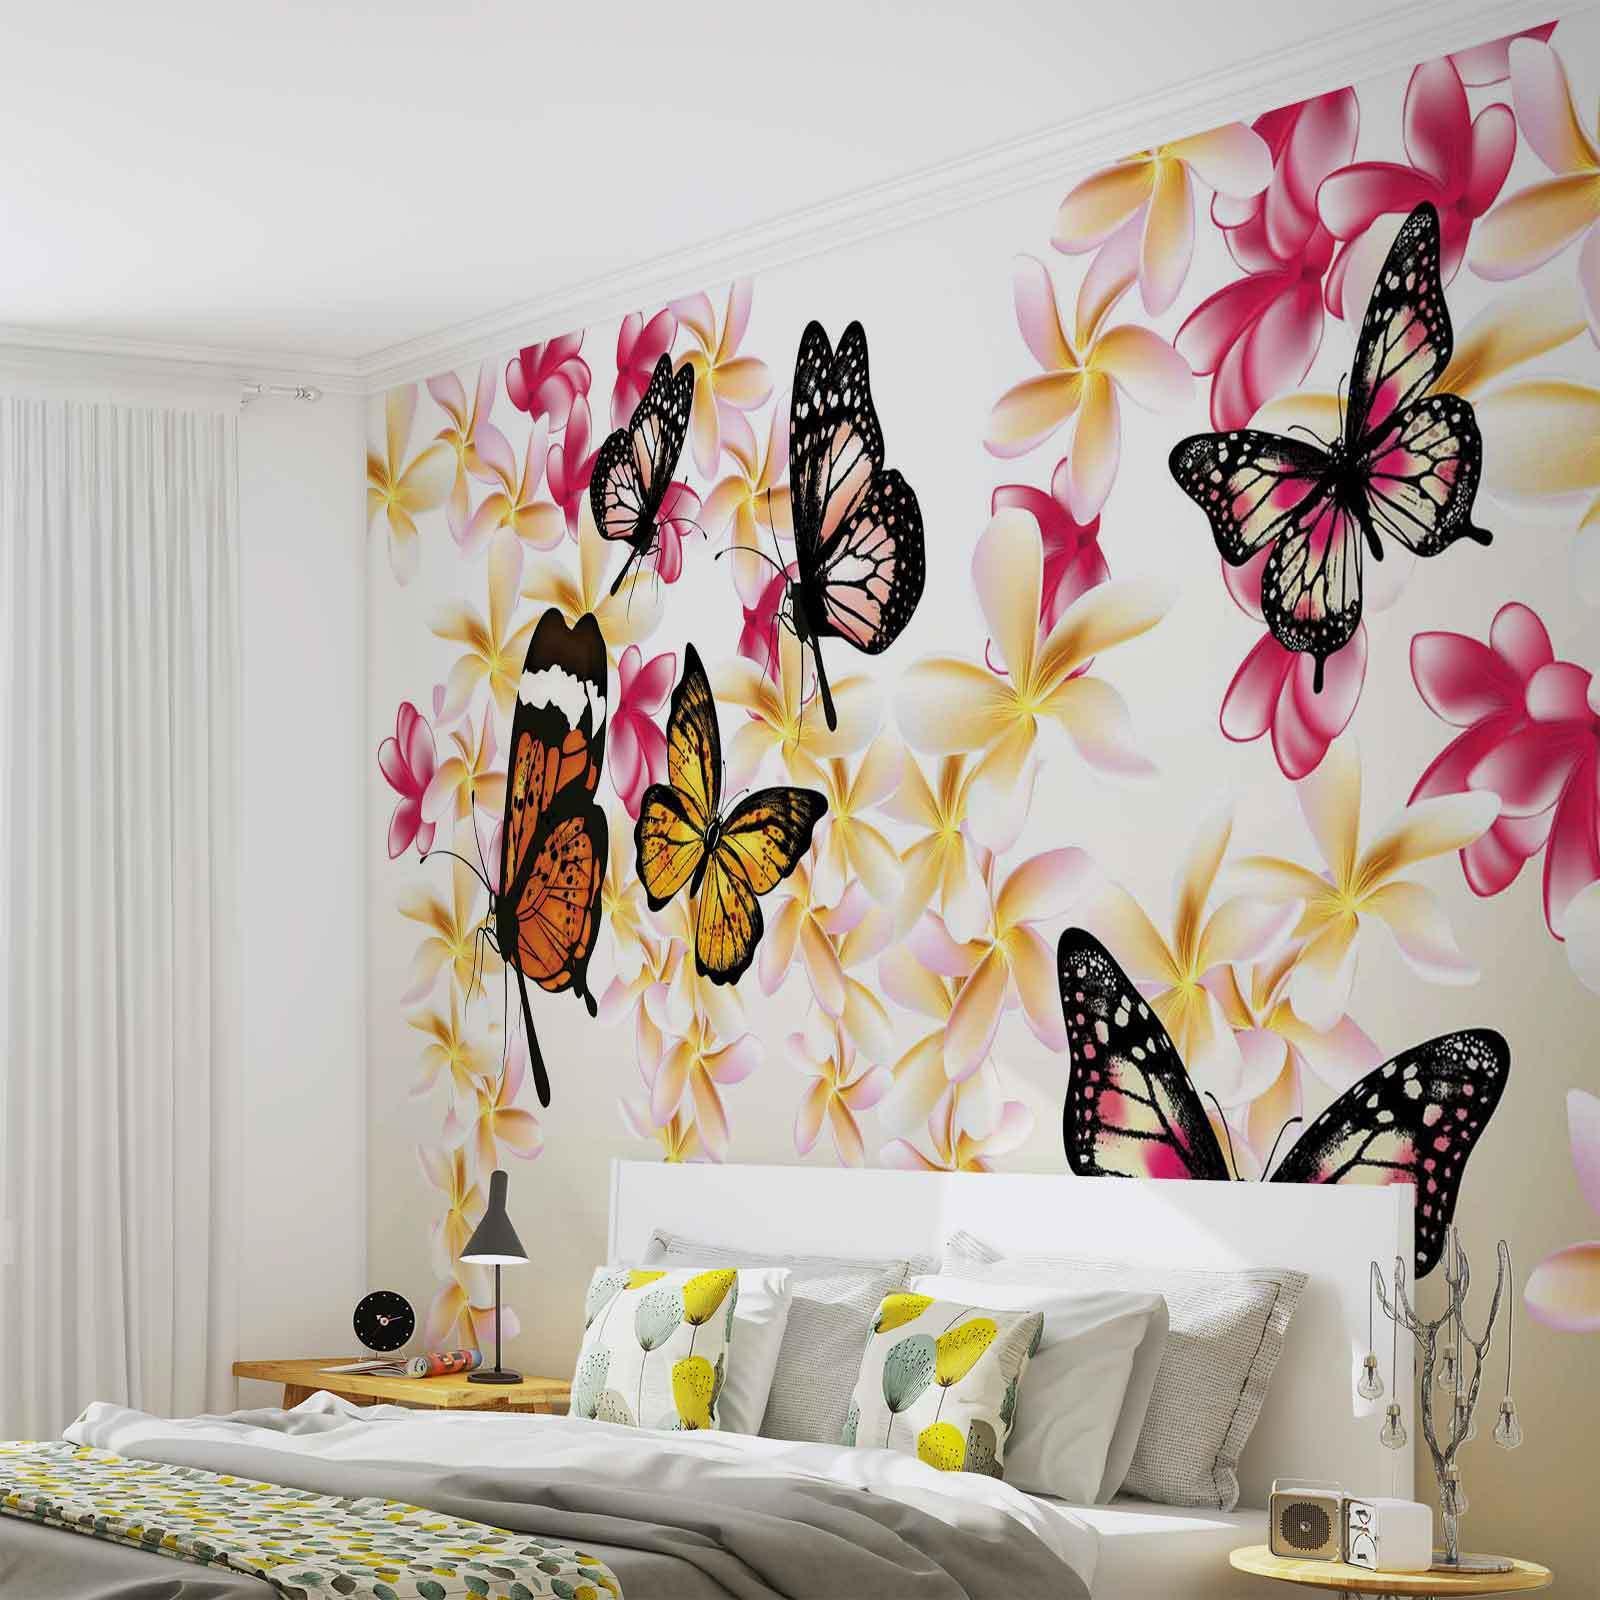 VLIES FOTOTAPETE Schmetterlinge TAPETE MURAL (558FW)